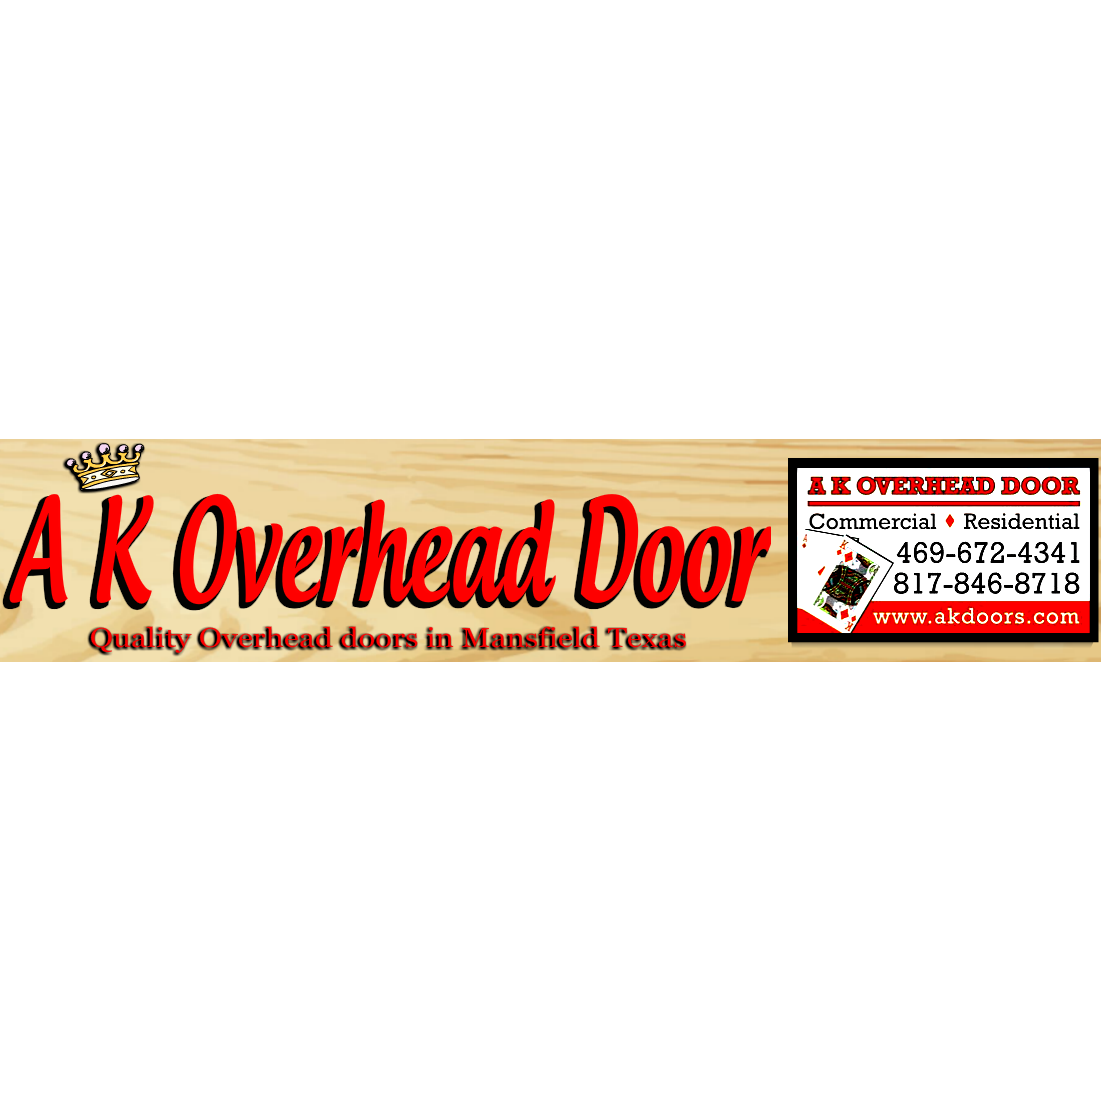 AK Overhead Door